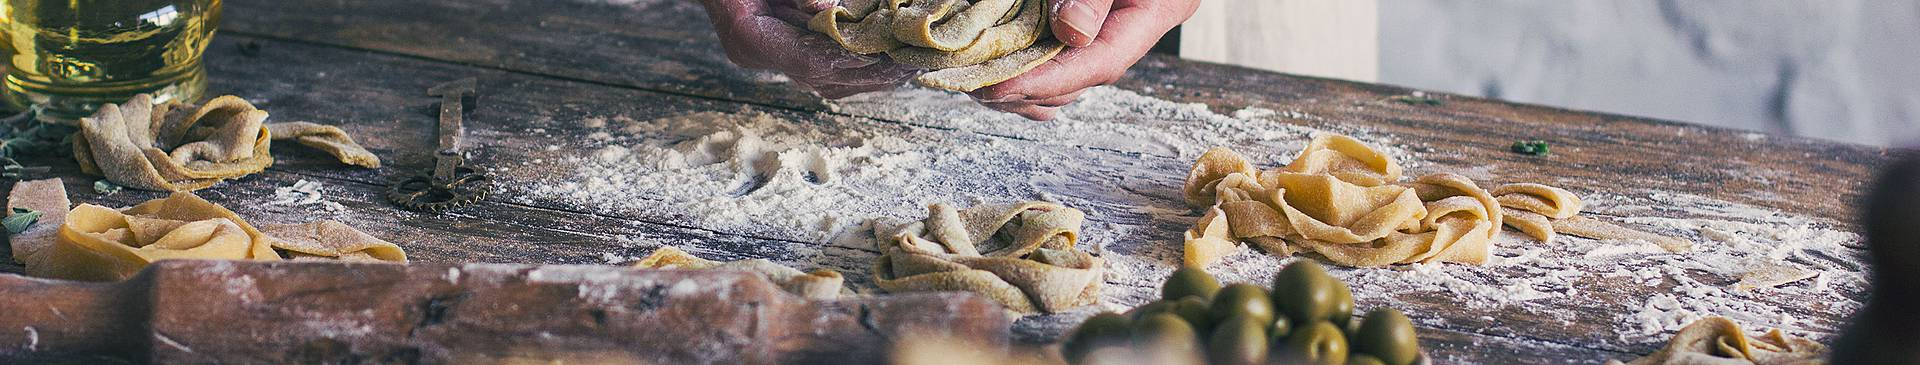 Rutas gastronómicas y enológicas por Italia